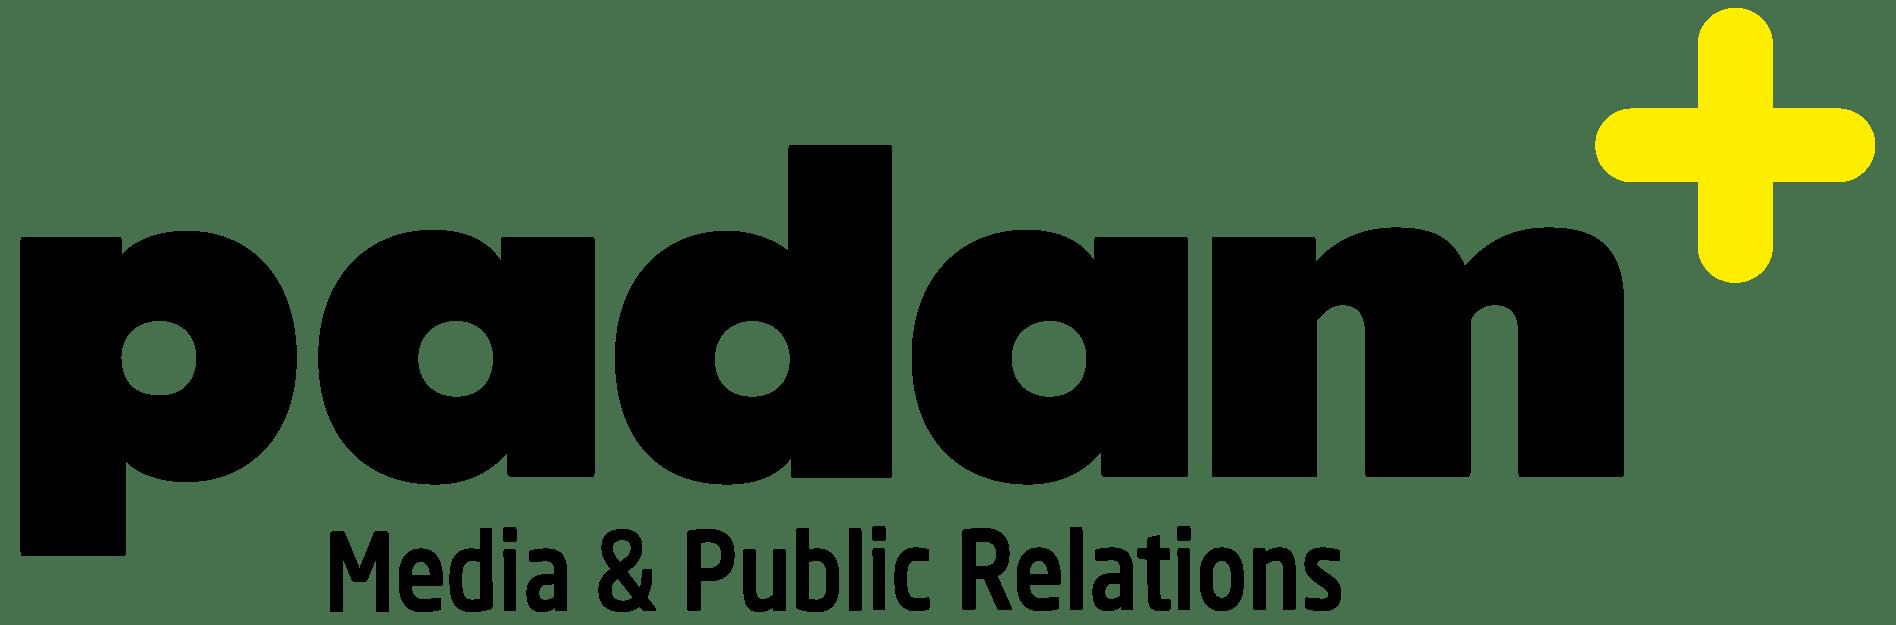 padam | Media & Public Relations